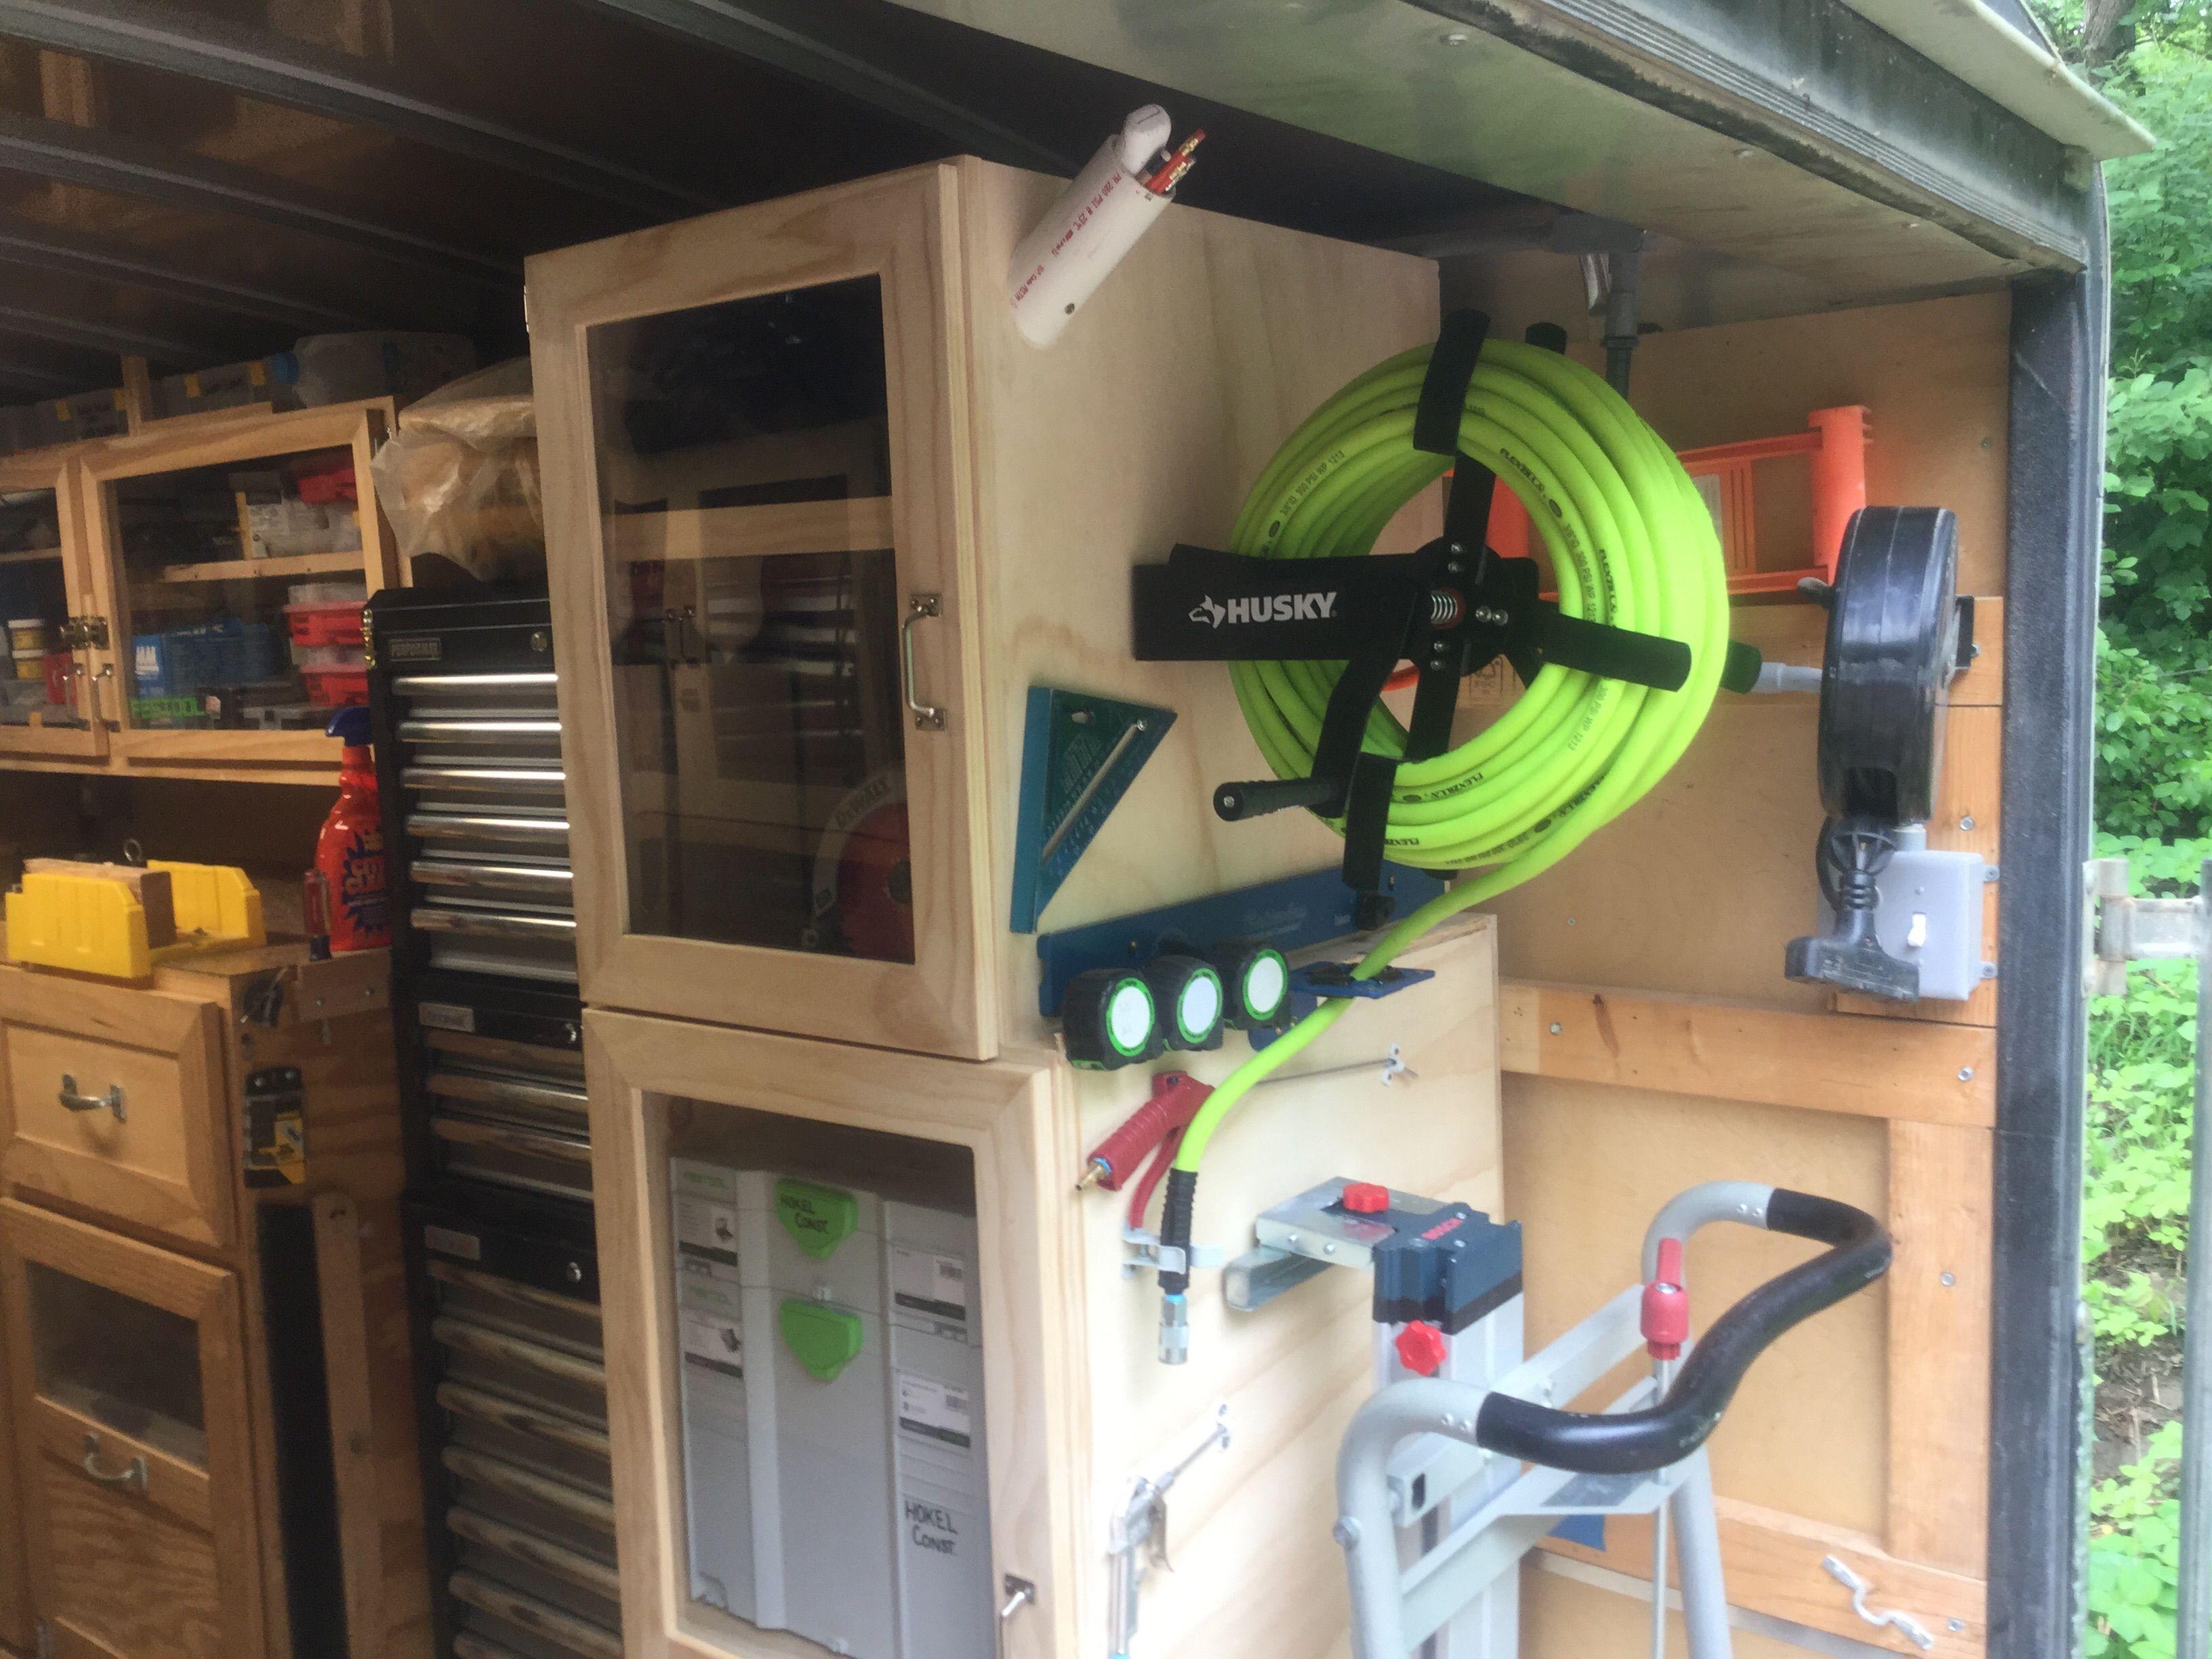 pingl par michael lloyd sur utility trailer ideas pinterest camion amenager am nagement. Black Bedroom Furniture Sets. Home Design Ideas